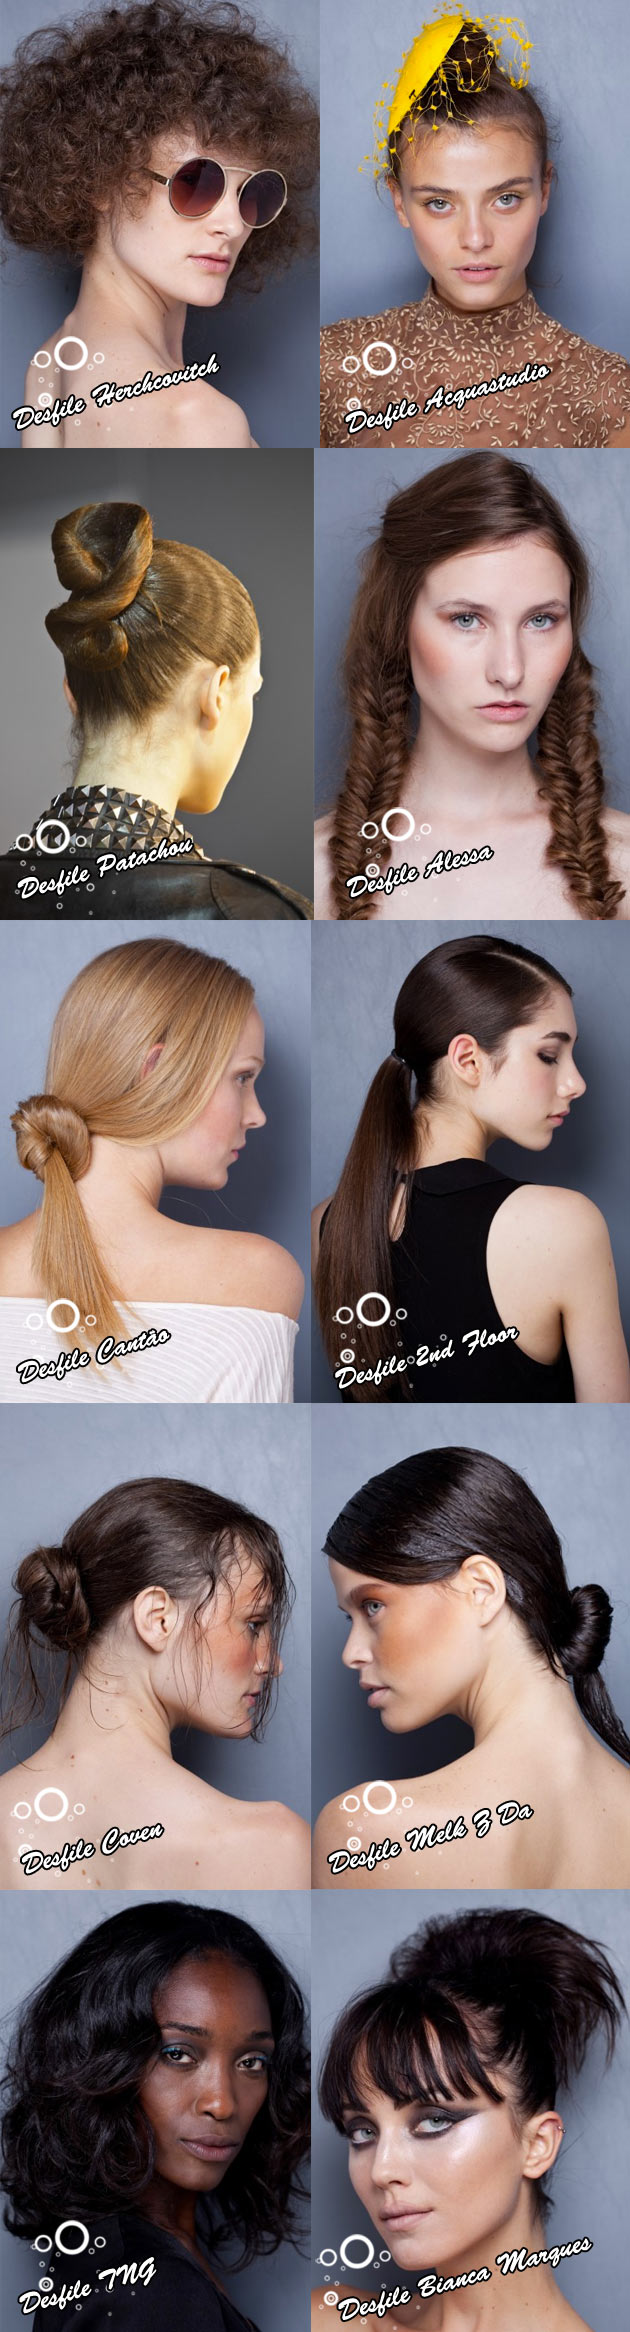 penteados1 #FashionRio   Cabelo